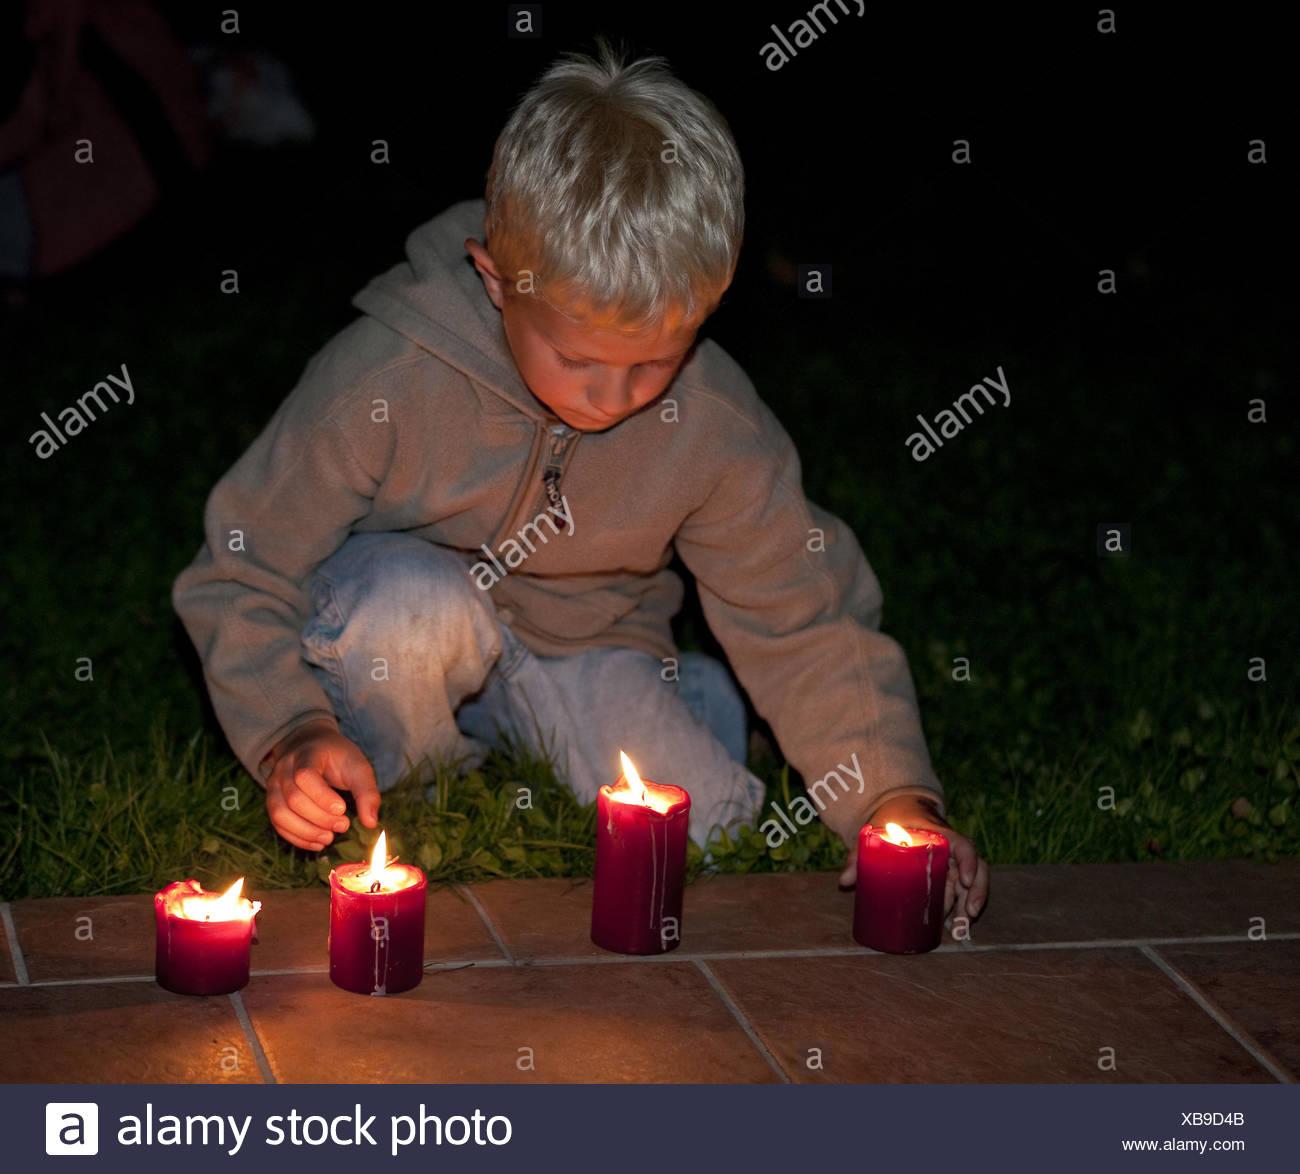 Kerzen Für Draußen.Ein Junge Spielt Mit Kerzen Abend Draußen Modell